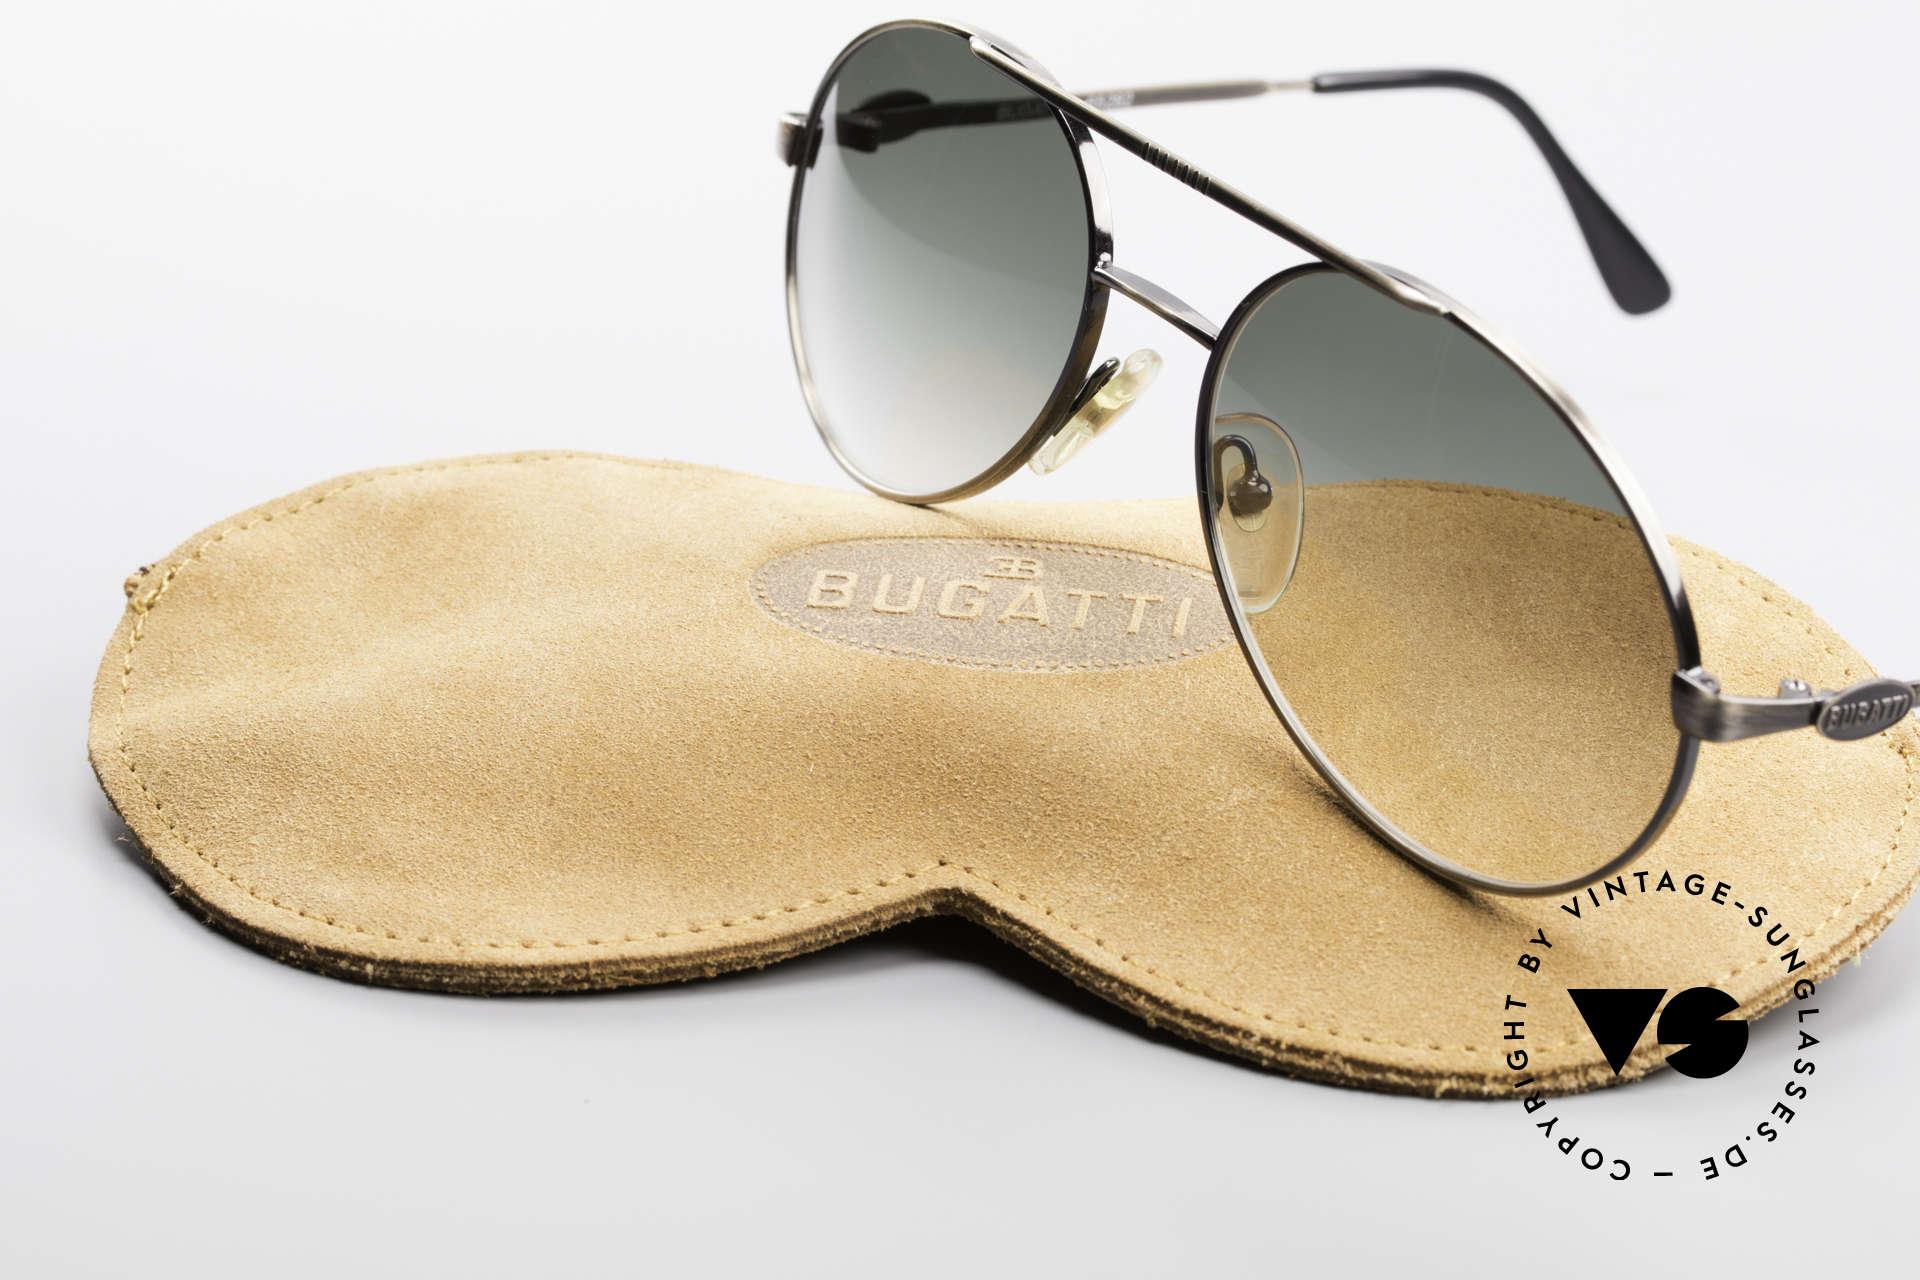 Bugatti 65282 Vintage Herrensonnenbrille, KEINE Retromode; sondern ein 30 Jahre altes Original, Passend für Herren